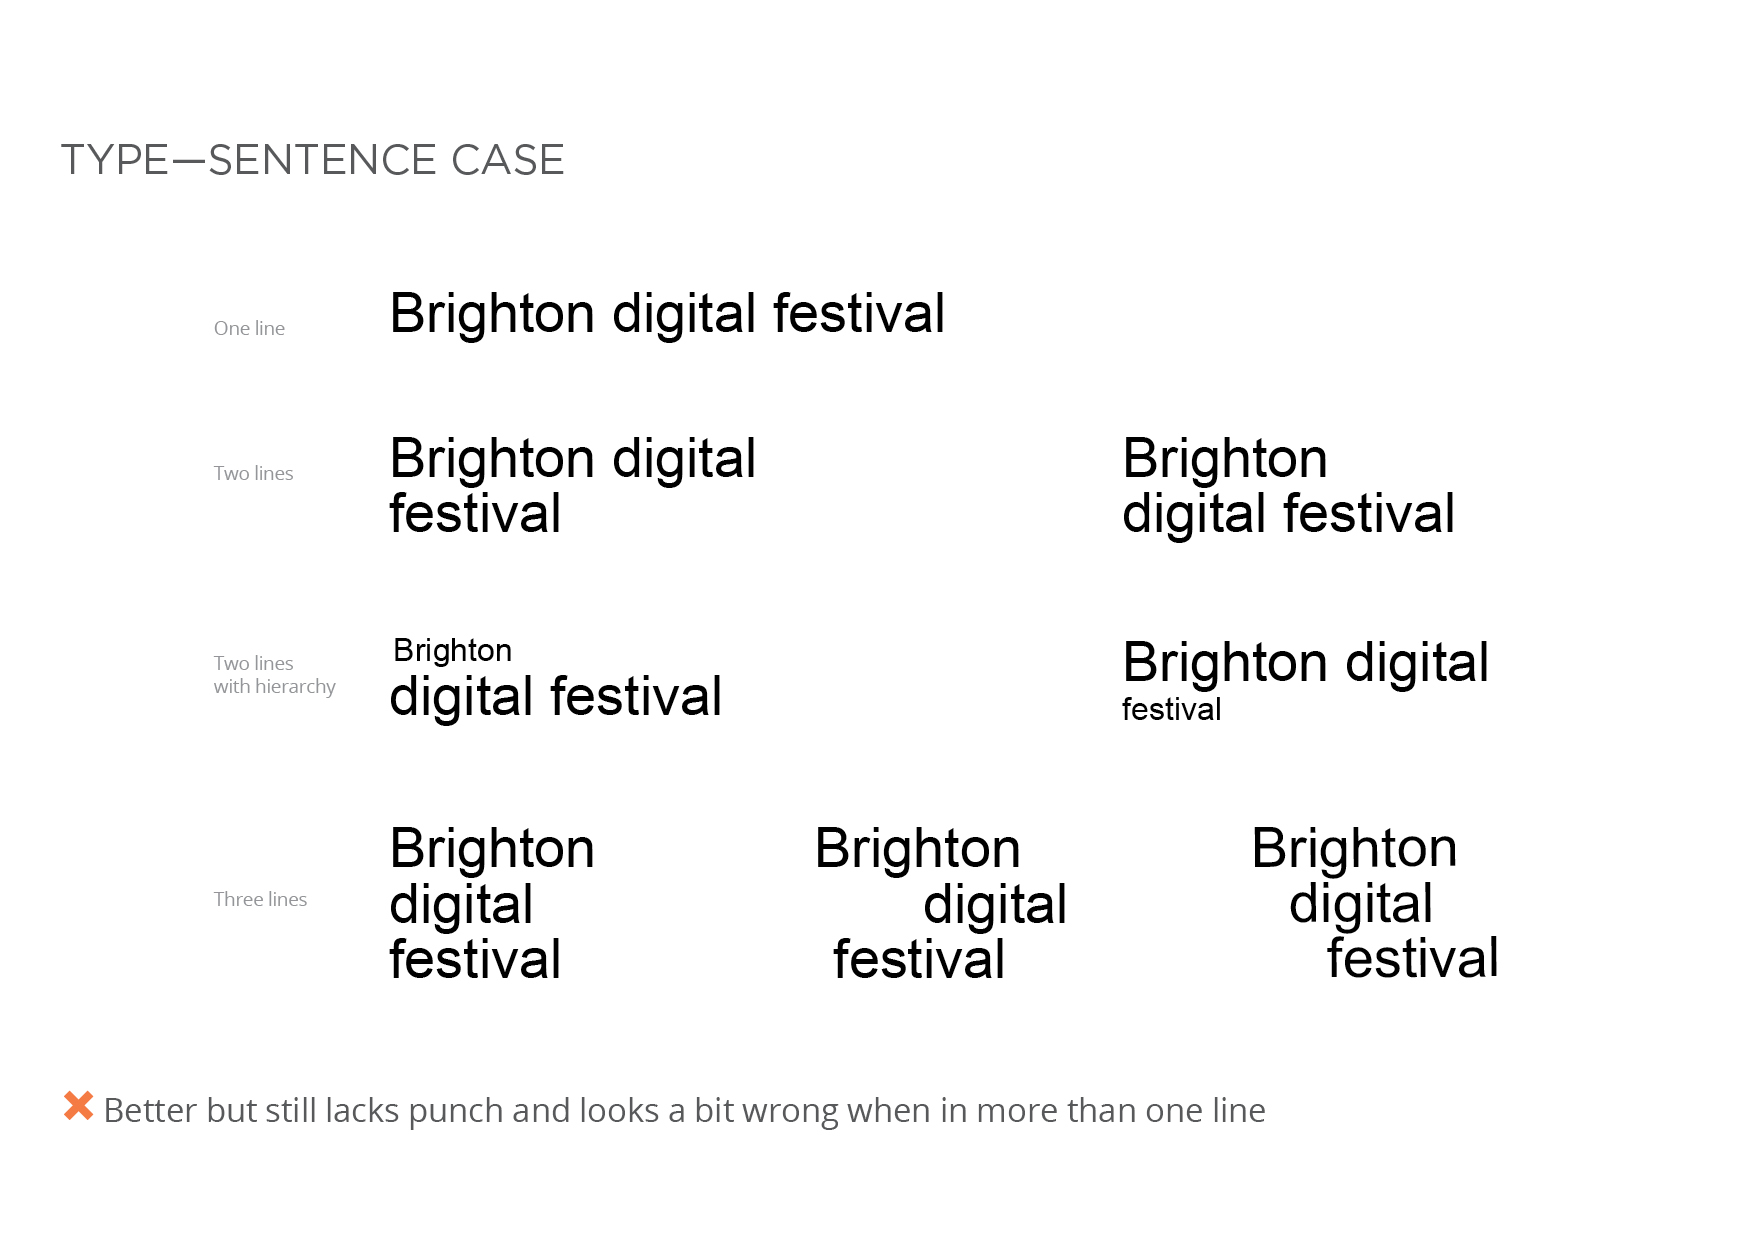 brighton_digital_festival_visual_identity_v22